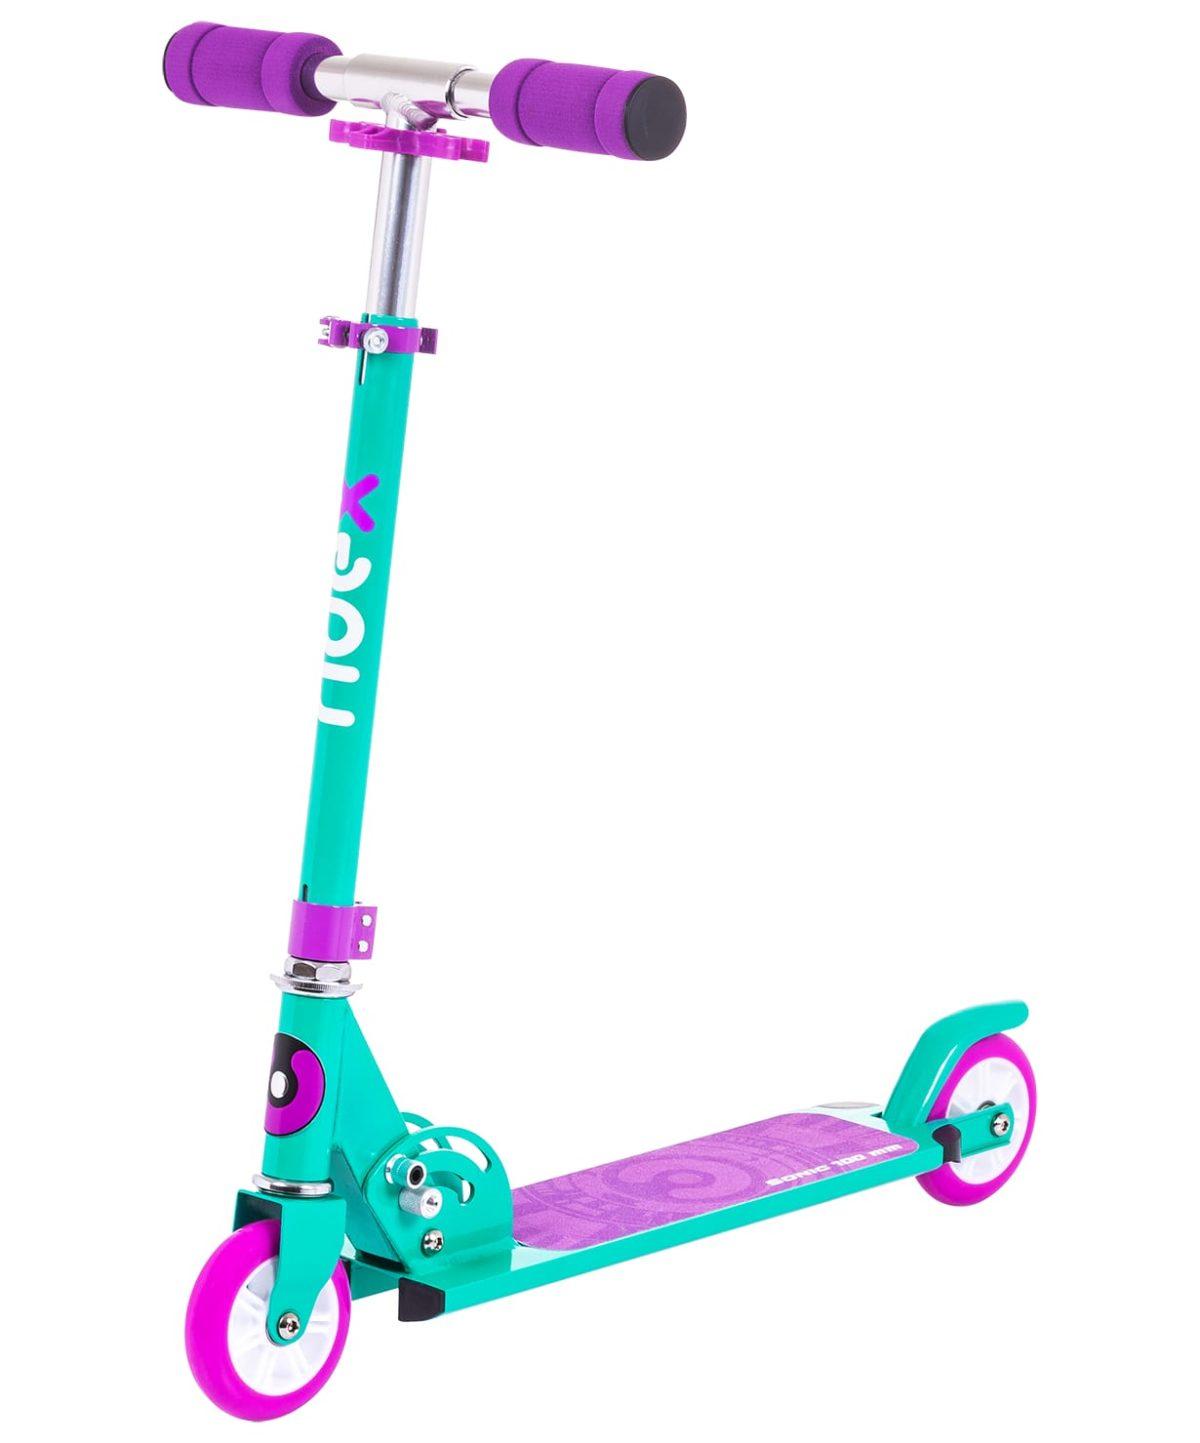 RIDEX Sonic Самокат 2-колесный  100 мм  Sonic: фиолетовый - 1